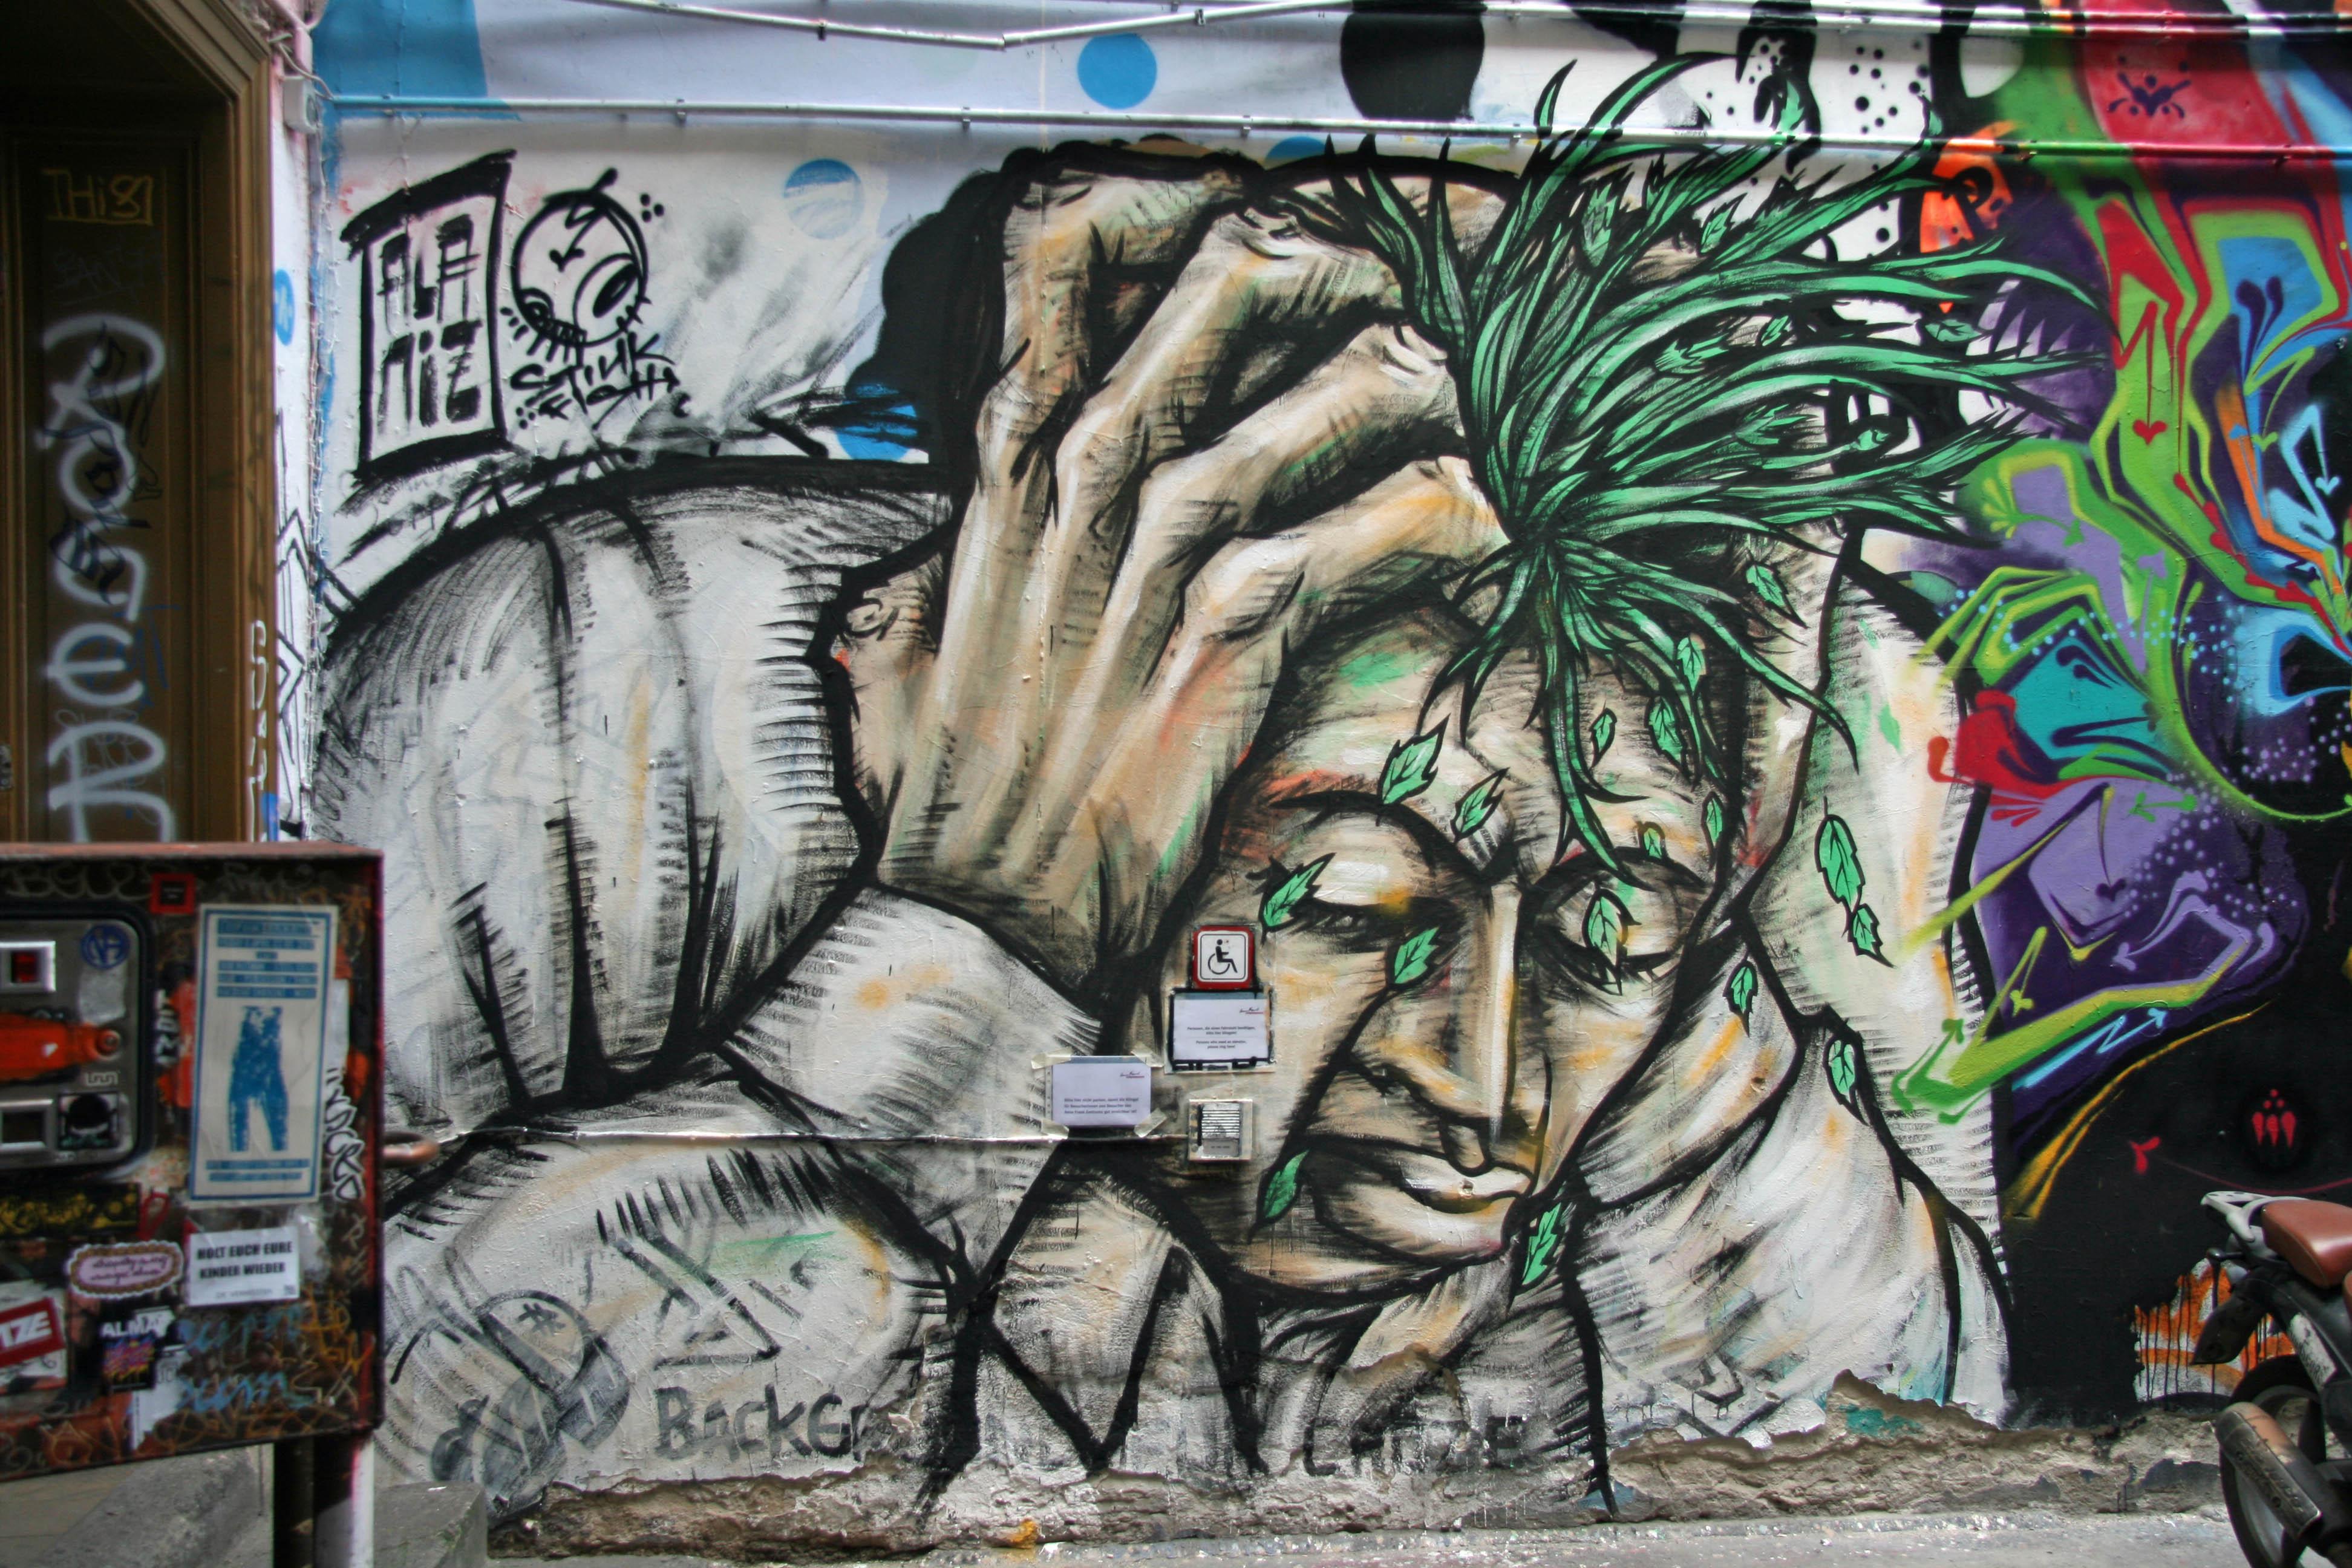 Head in Hands: Street Art by ALANIZ in Berlin